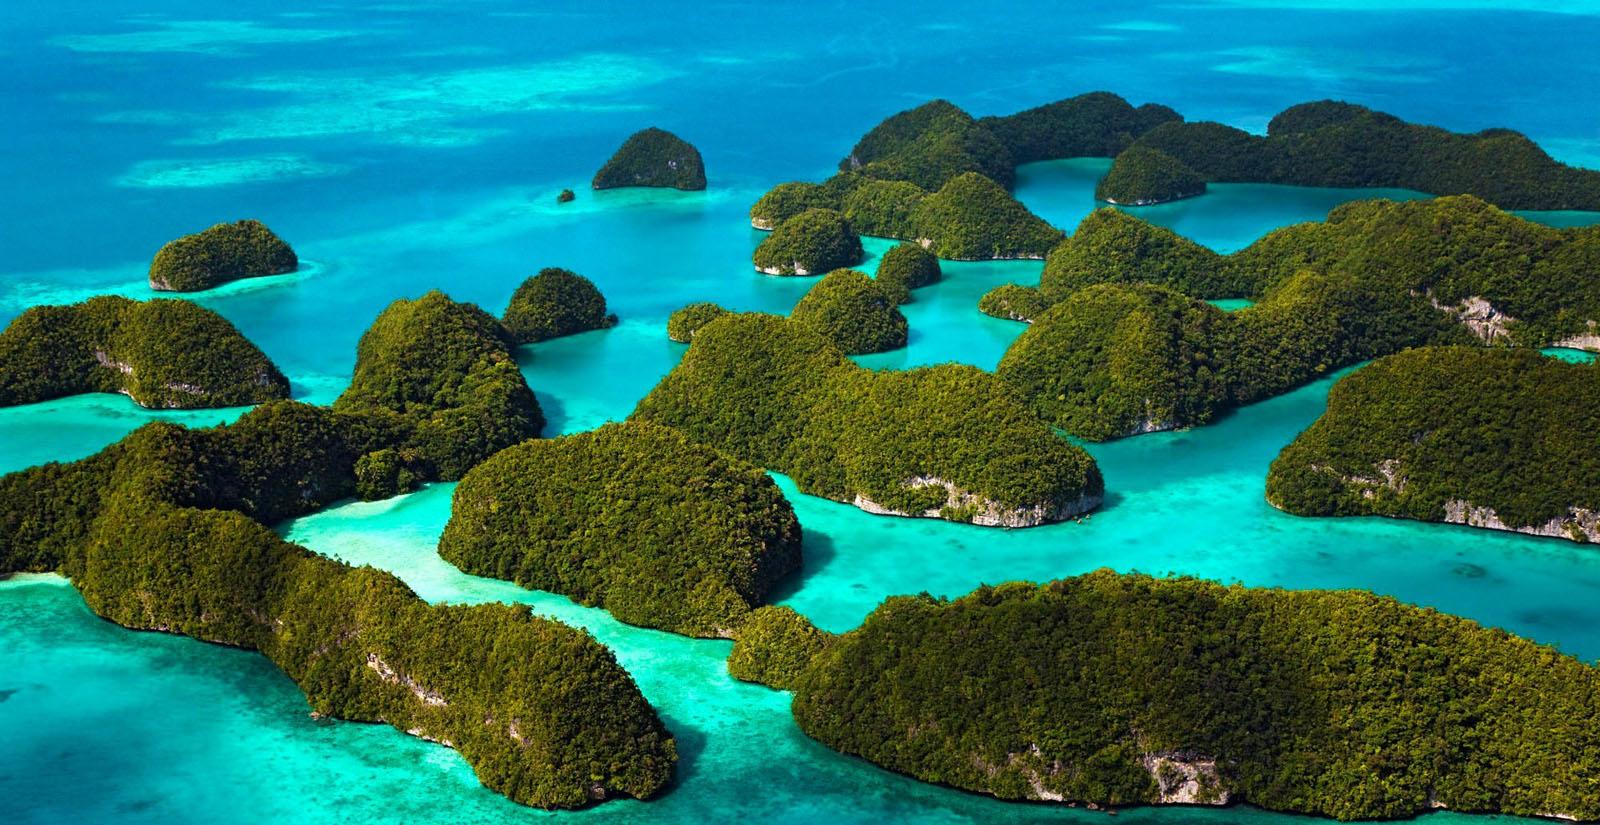 Kata Kata Terbaru 5 Tempat Wisata Indonesia Yang Indah